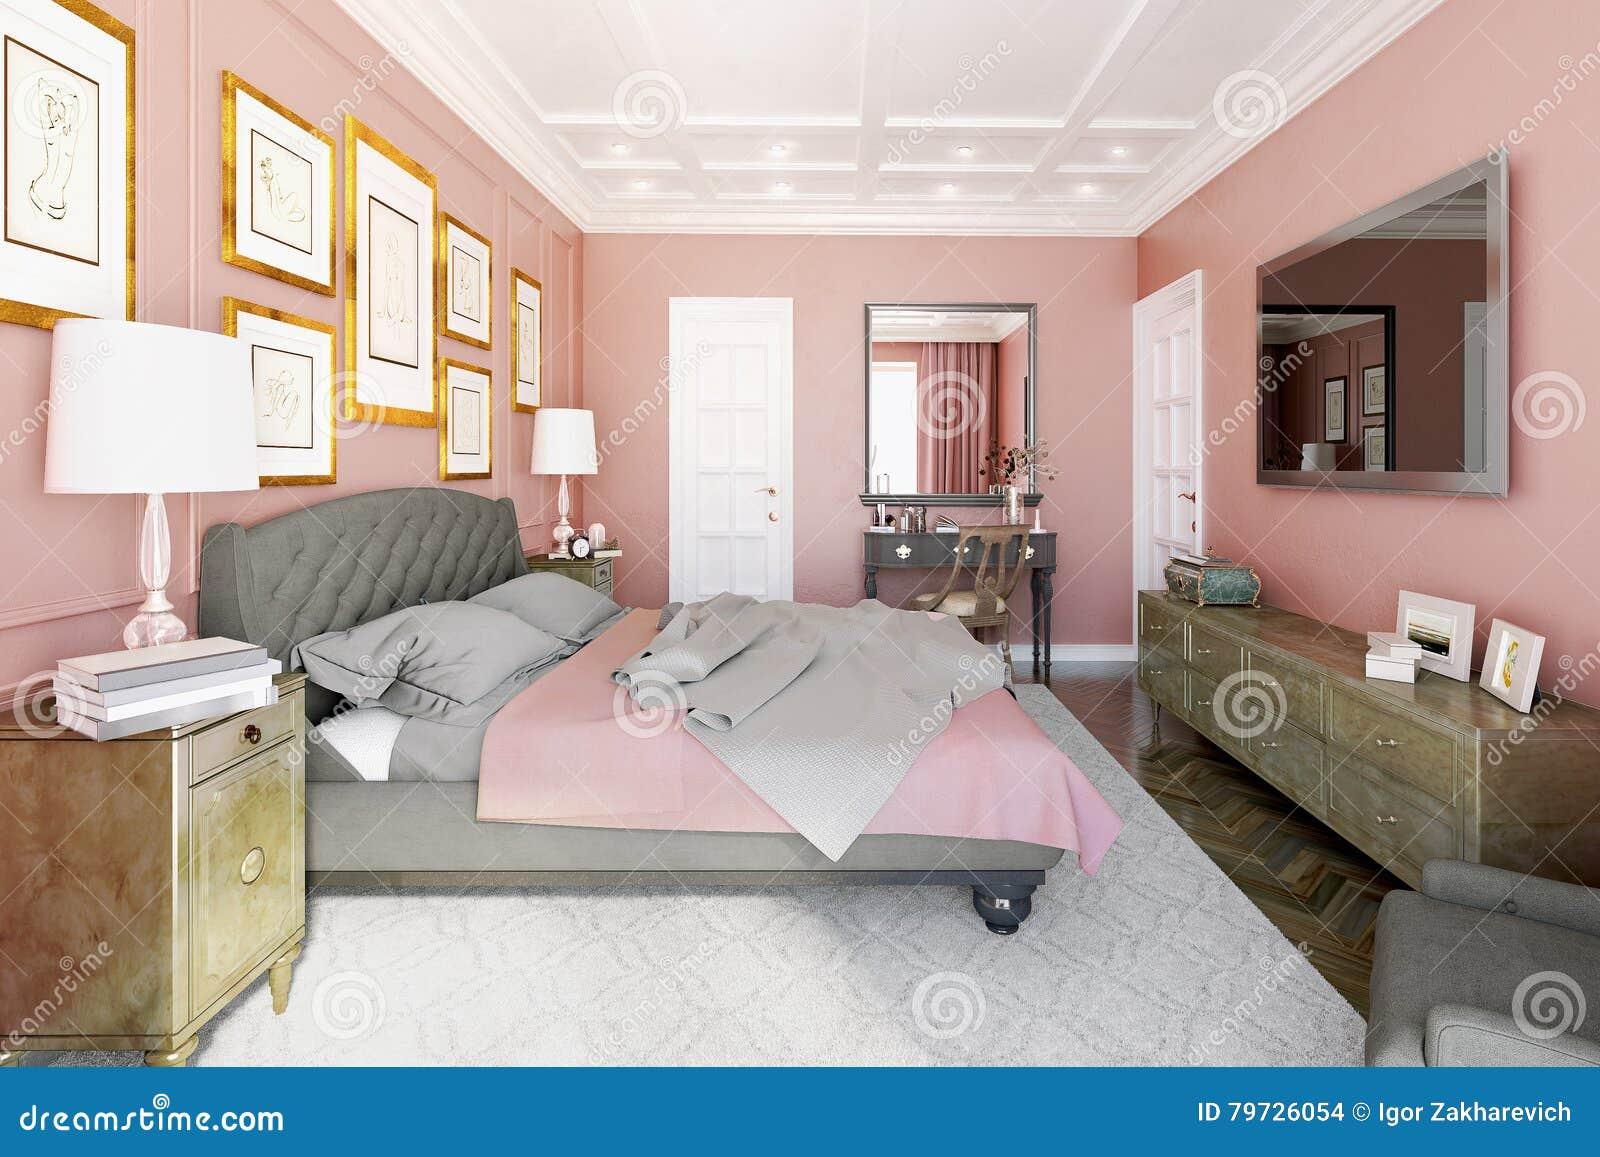 Ledar  sovrum med modern design stock illustrationer   bild: 79726054